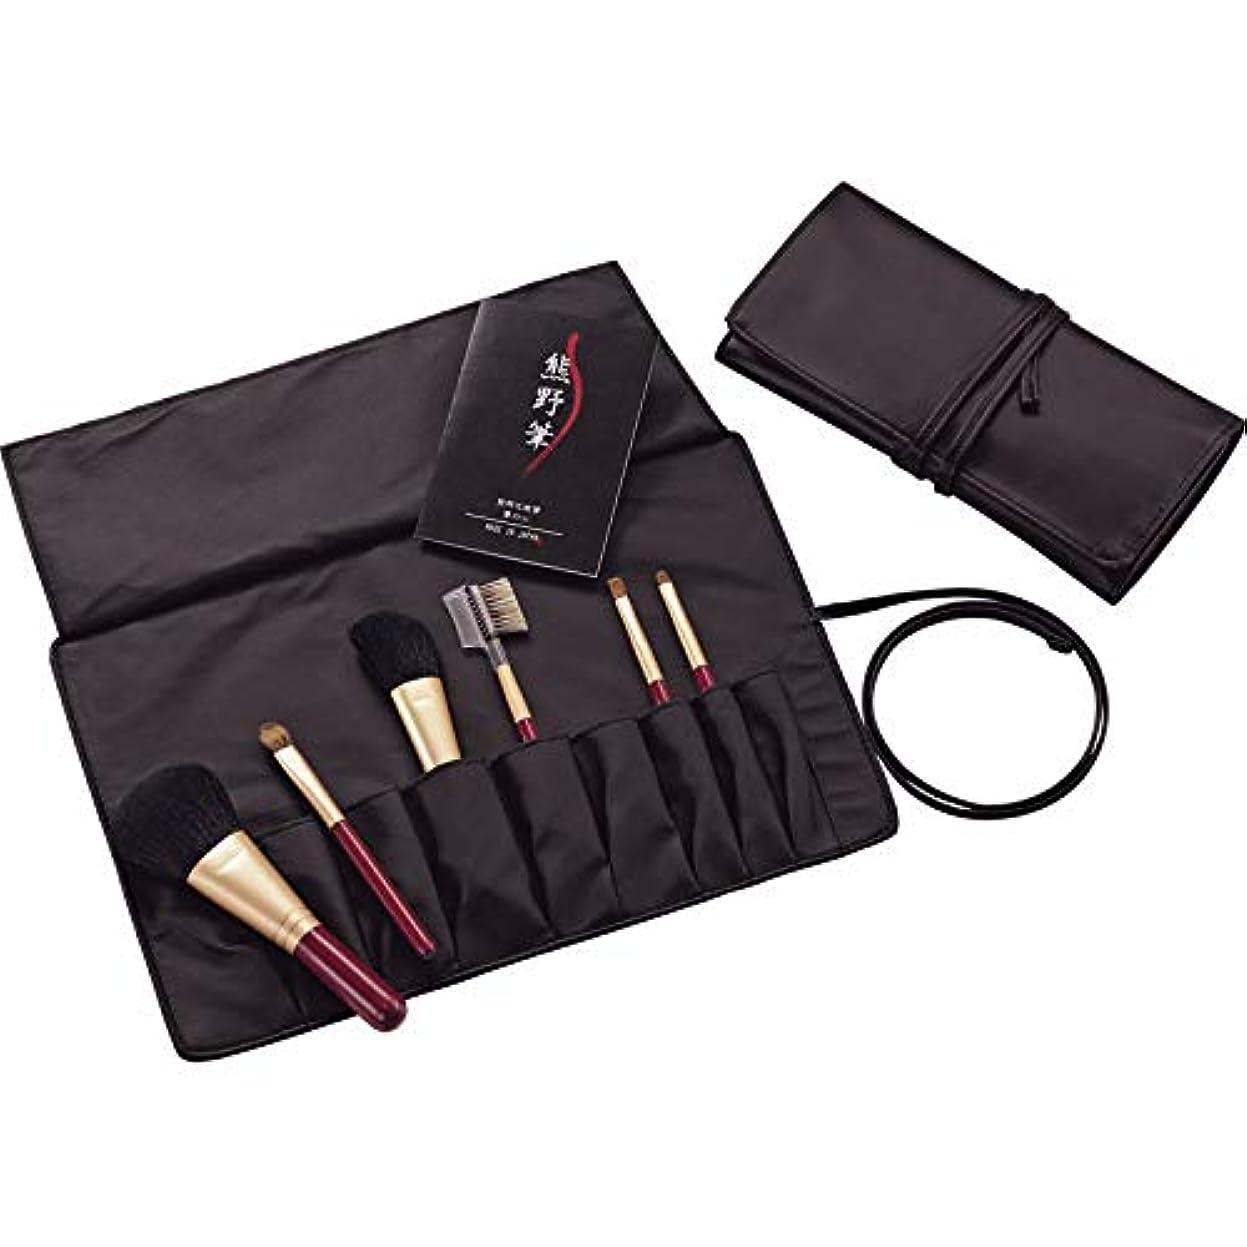 血色の良い鮮やかなジョイント筆の心 熊野化粧筆セット ブラシ専用ケース付き 【くまのふで 伝統工芸 けしょうふで メイク道具 化粧道具 高級感 日本製 高品質】